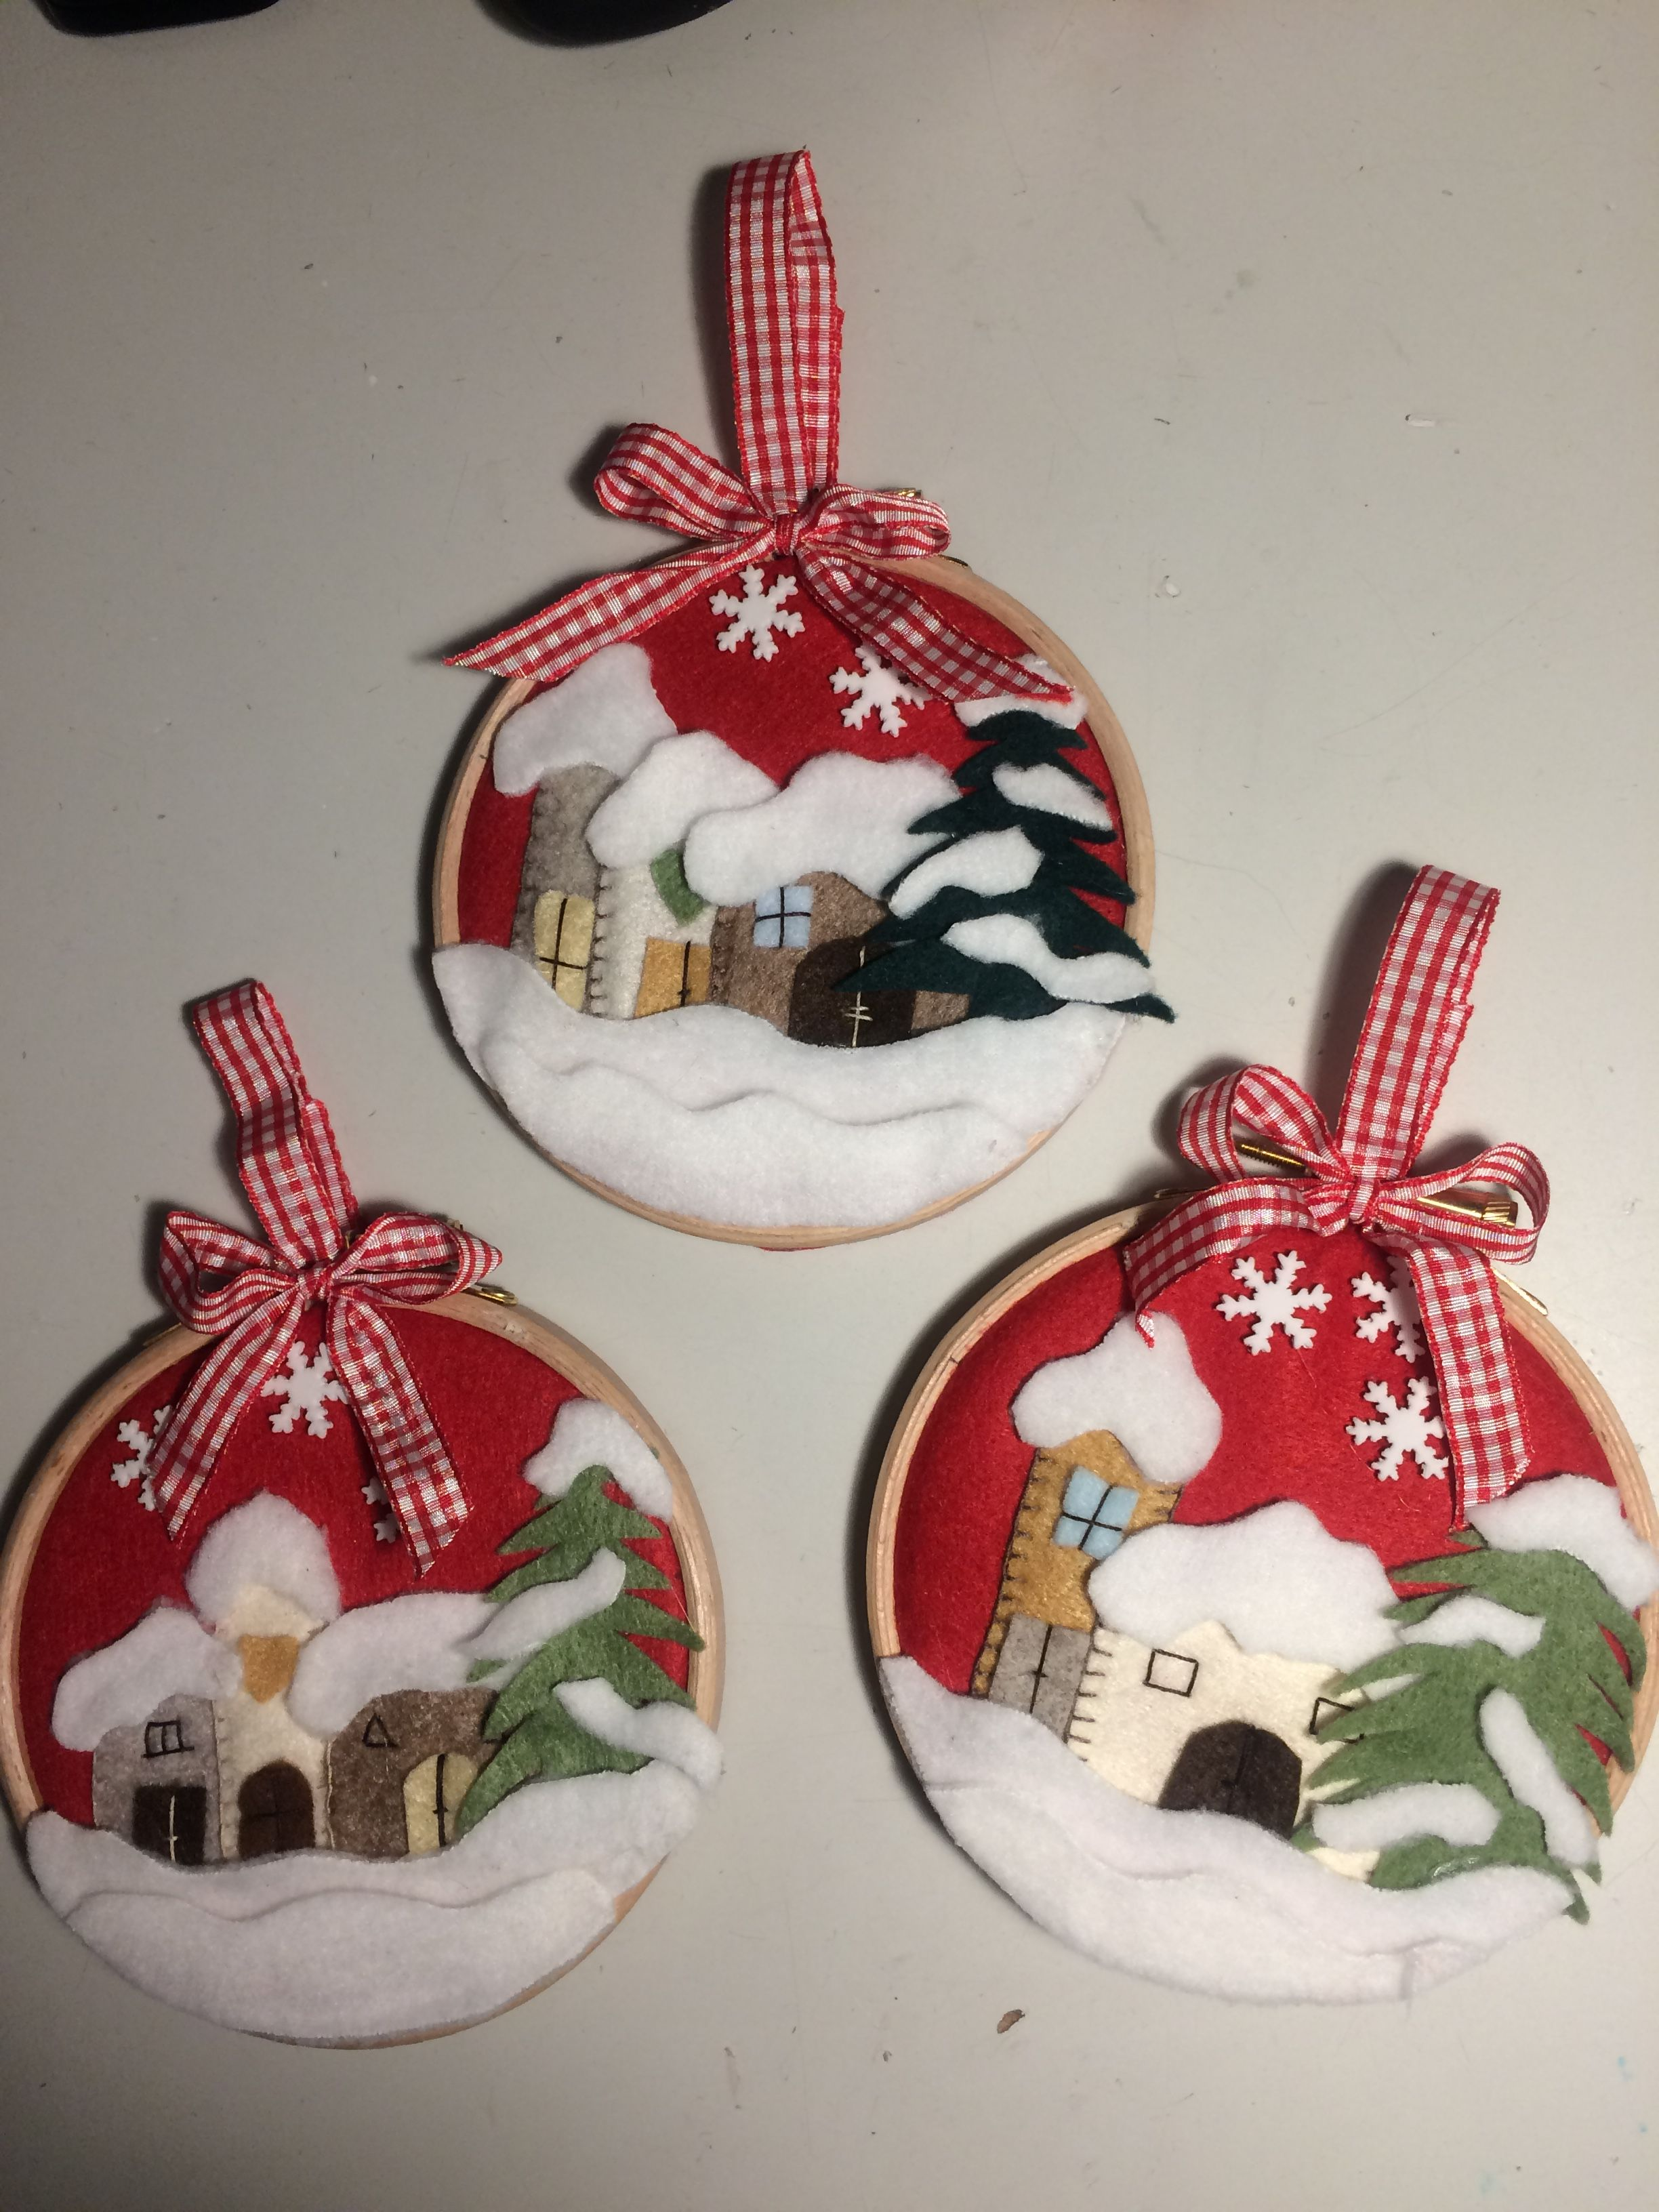 Se siete amanti delle decorazioni naturali, vi piacerà sicuramente l'idea di creare degli addobbi da appendere all'albero di natale. Tamburelli Da Appendere All Albero Di Natale Decorazioni Natalizie Idee Natale Fai Da Te Vasetti Di Natale